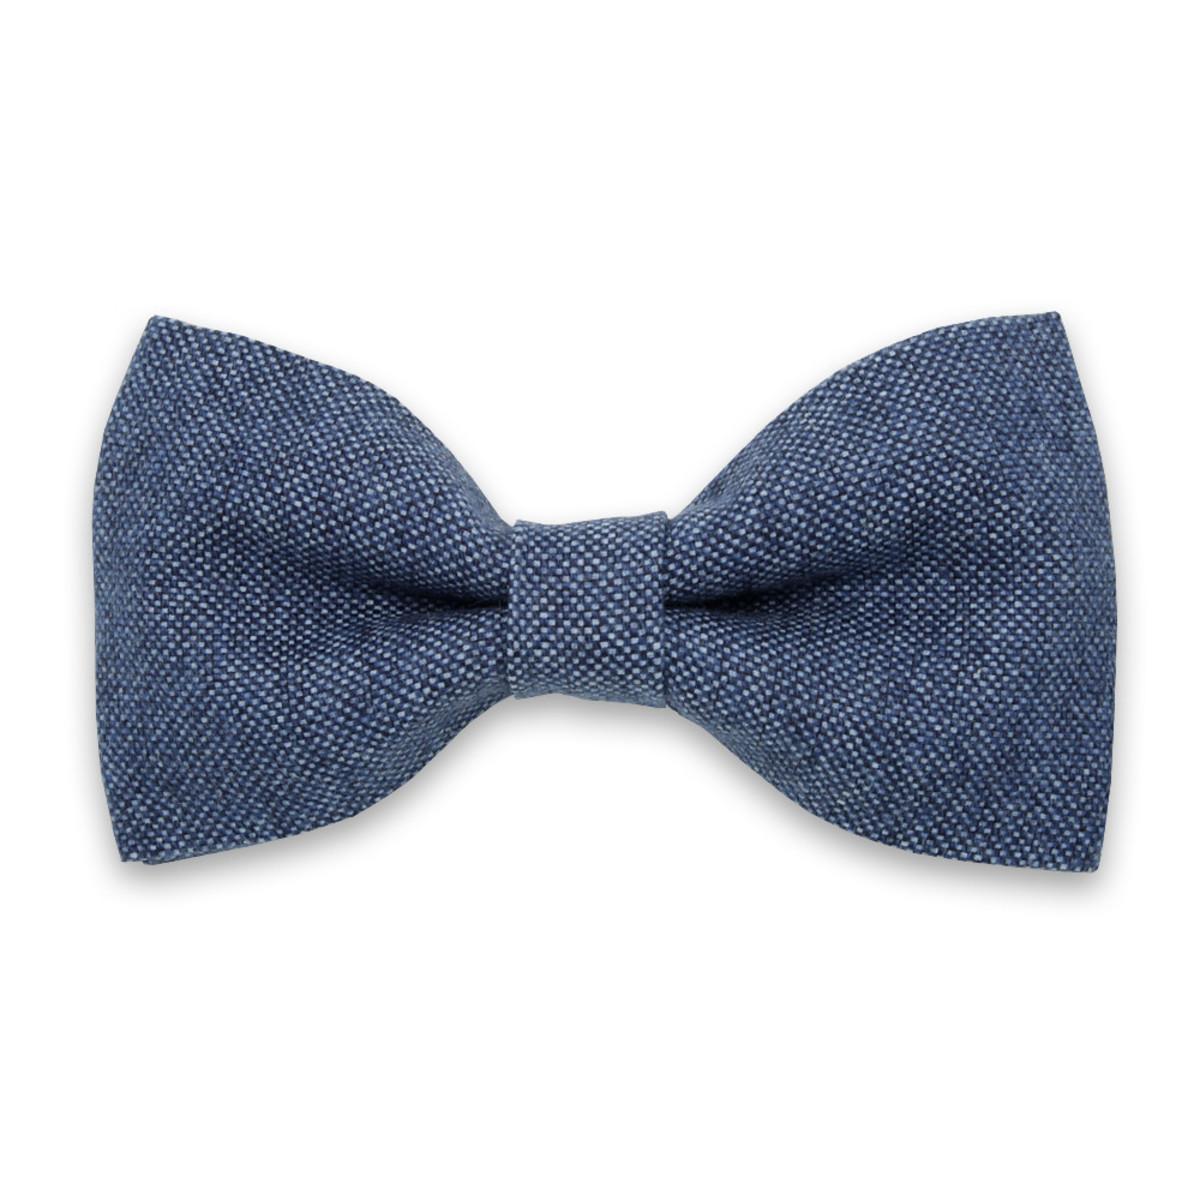 Papion bărbătesc pre-înnodat, în nuanțe albastre 10056